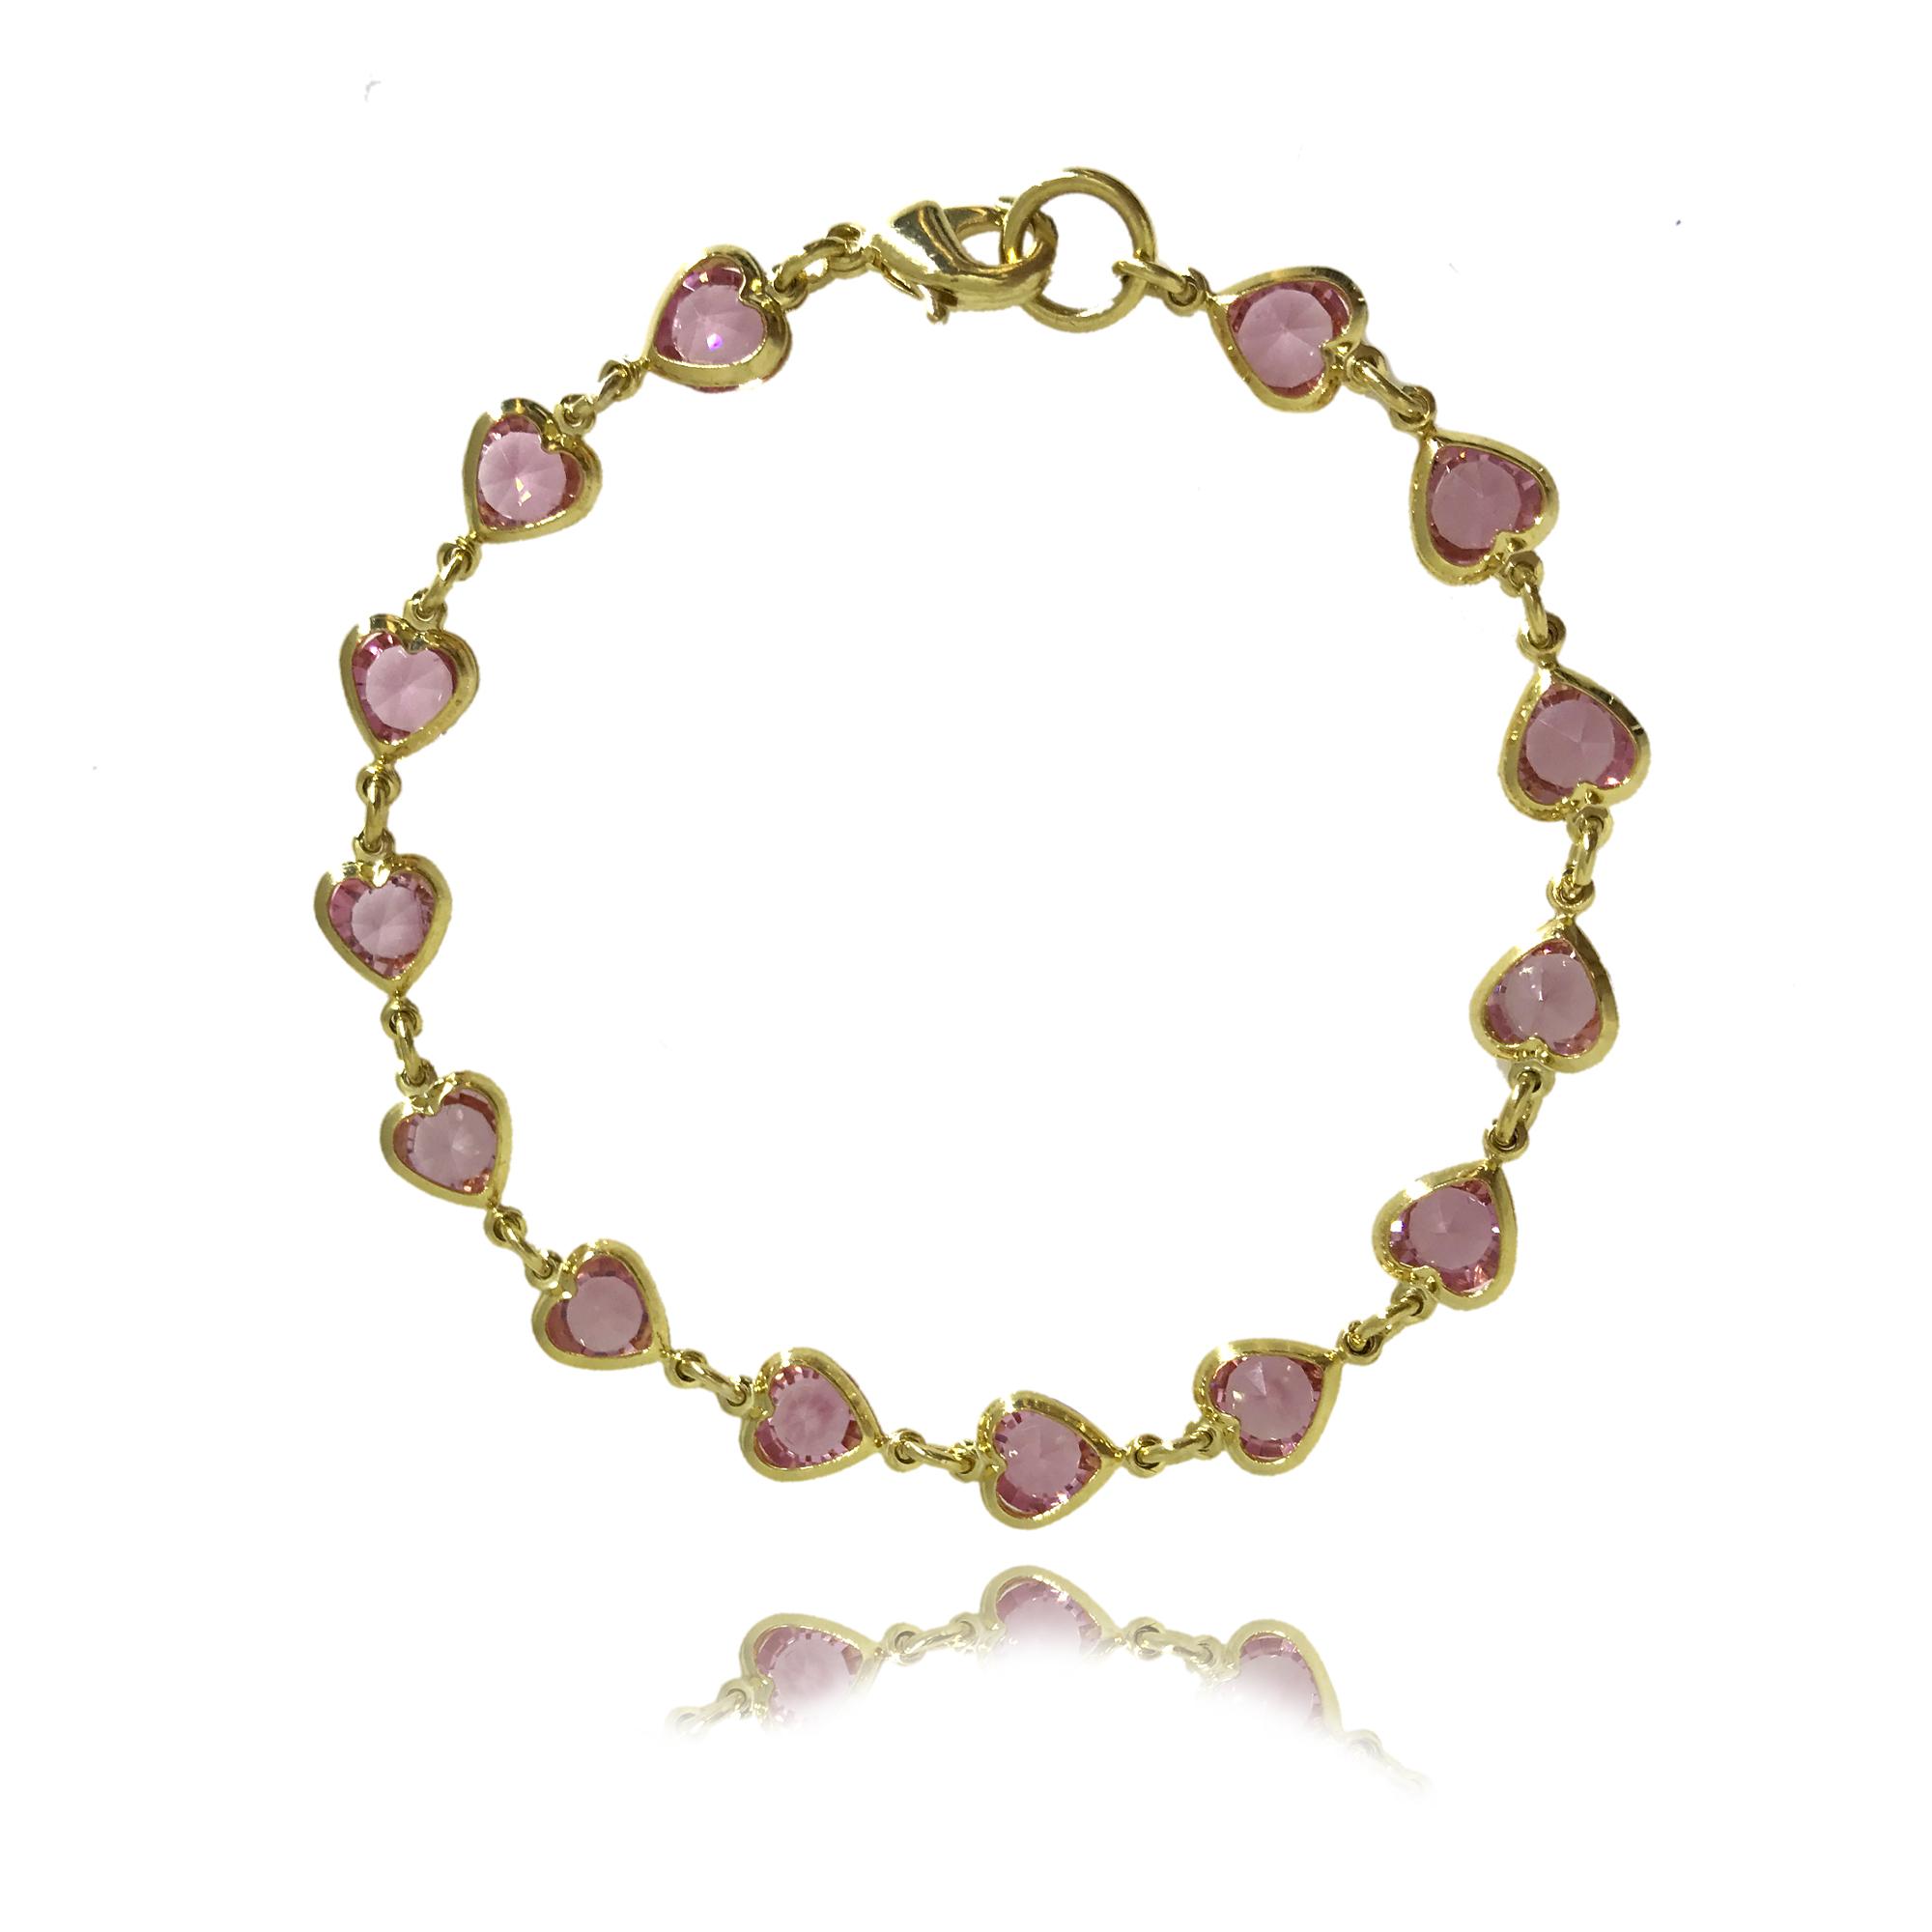 Pulseira folheada no ouro 18K cravejada com cristais em formato de coração na cor rosa